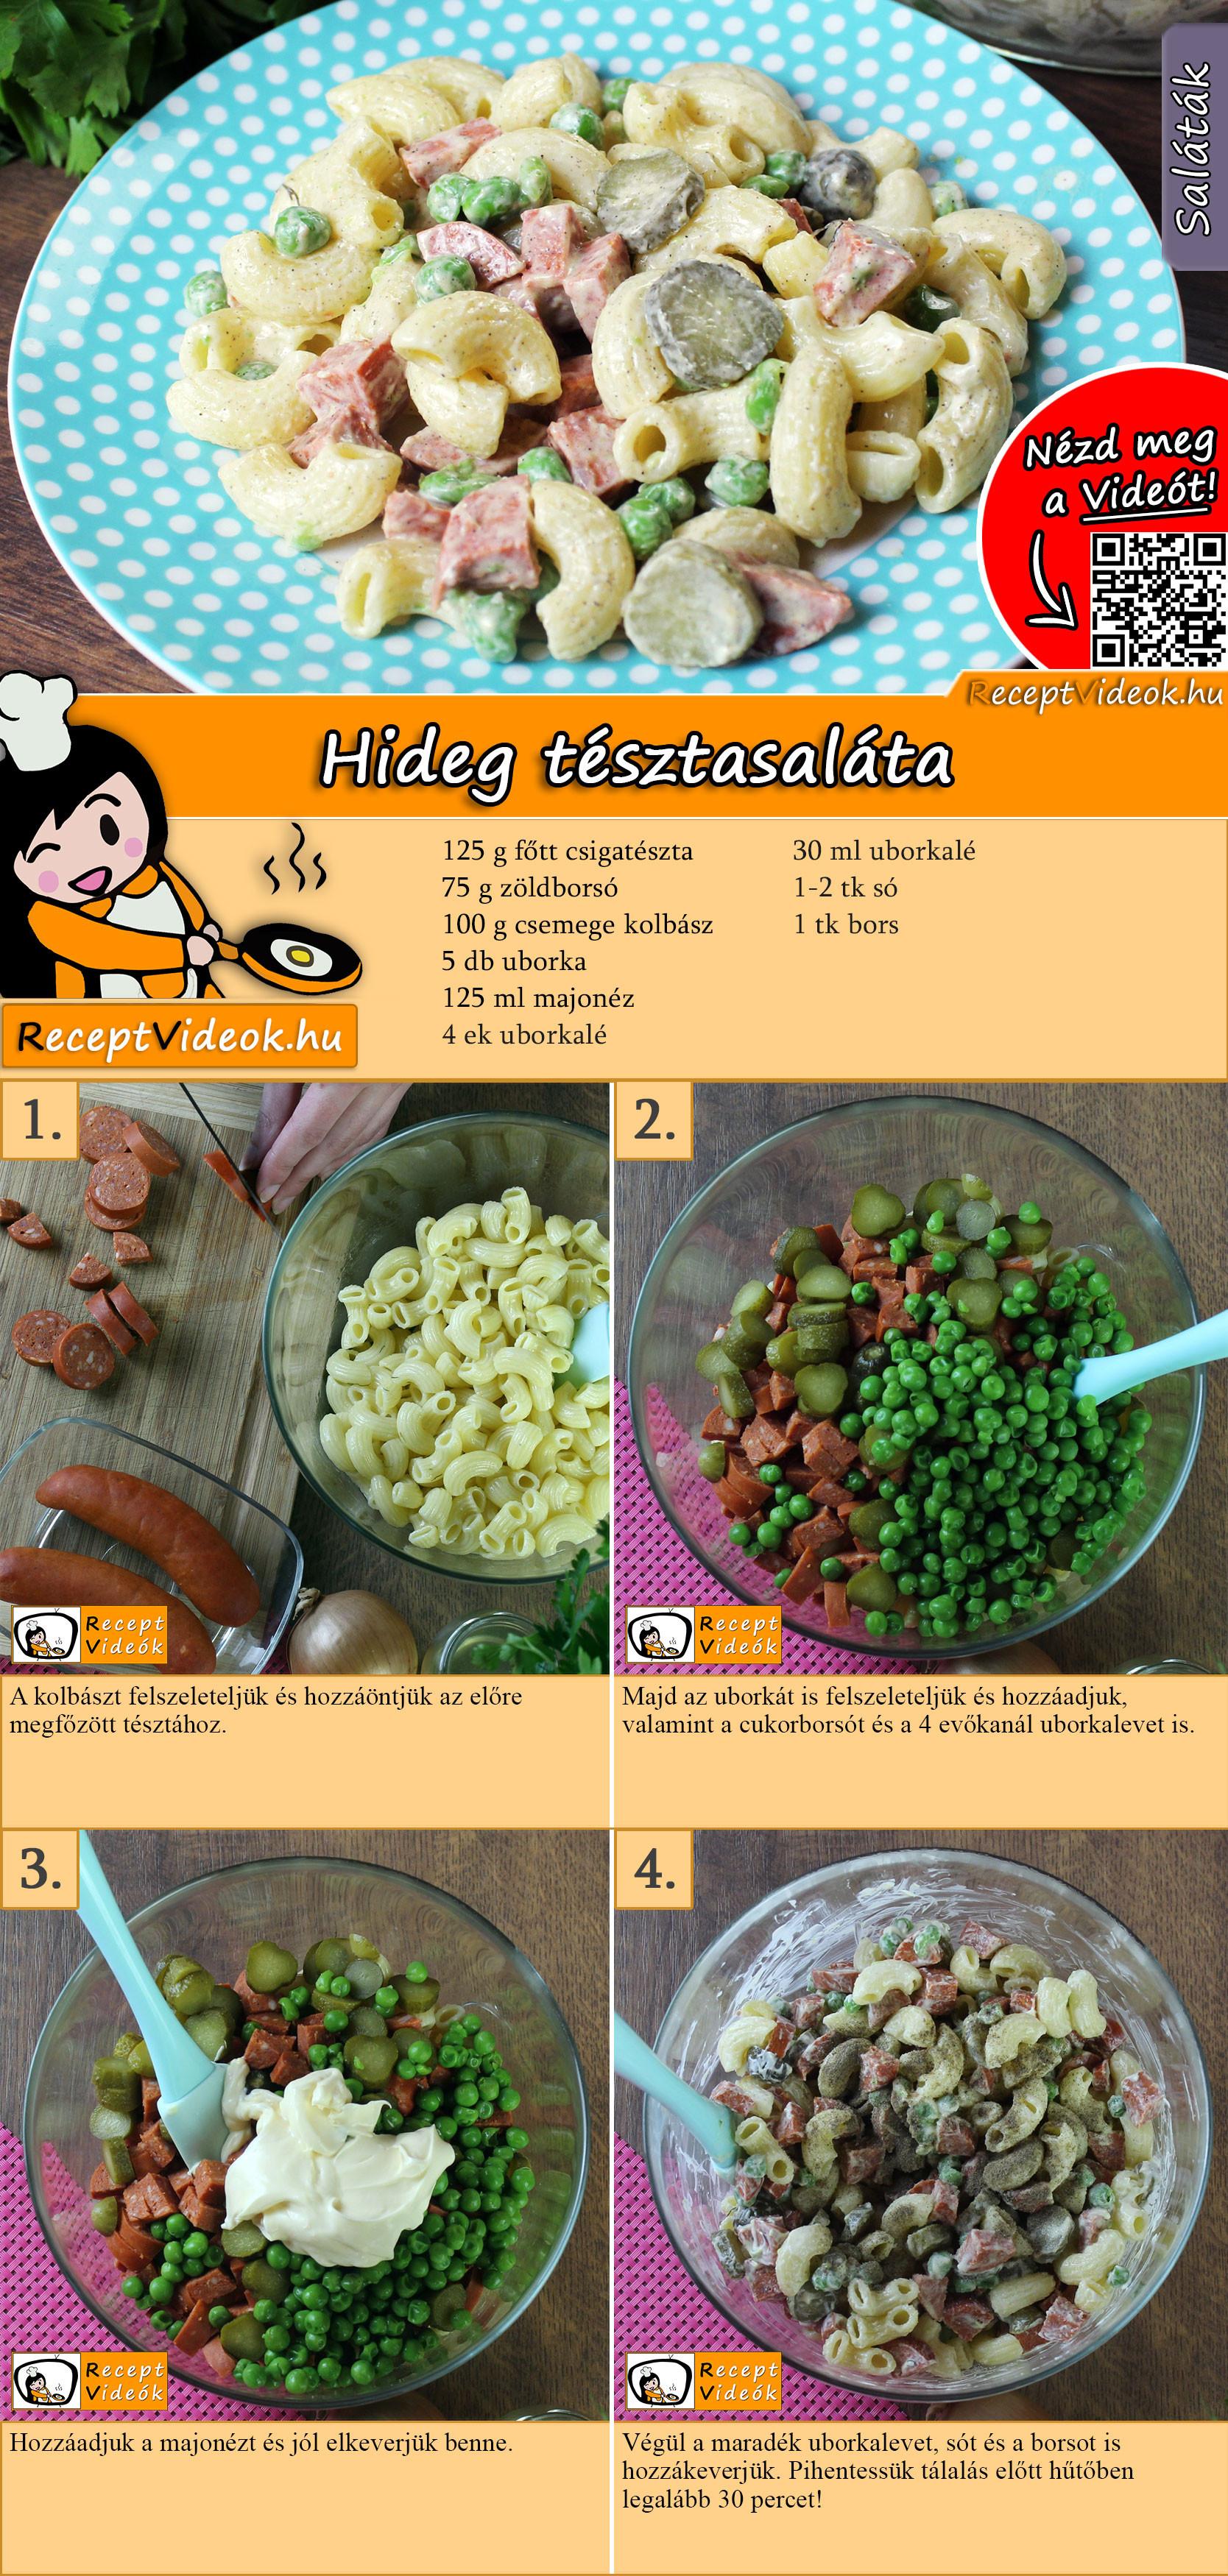 Hideg tésztasaláta recept elkészítése videóval